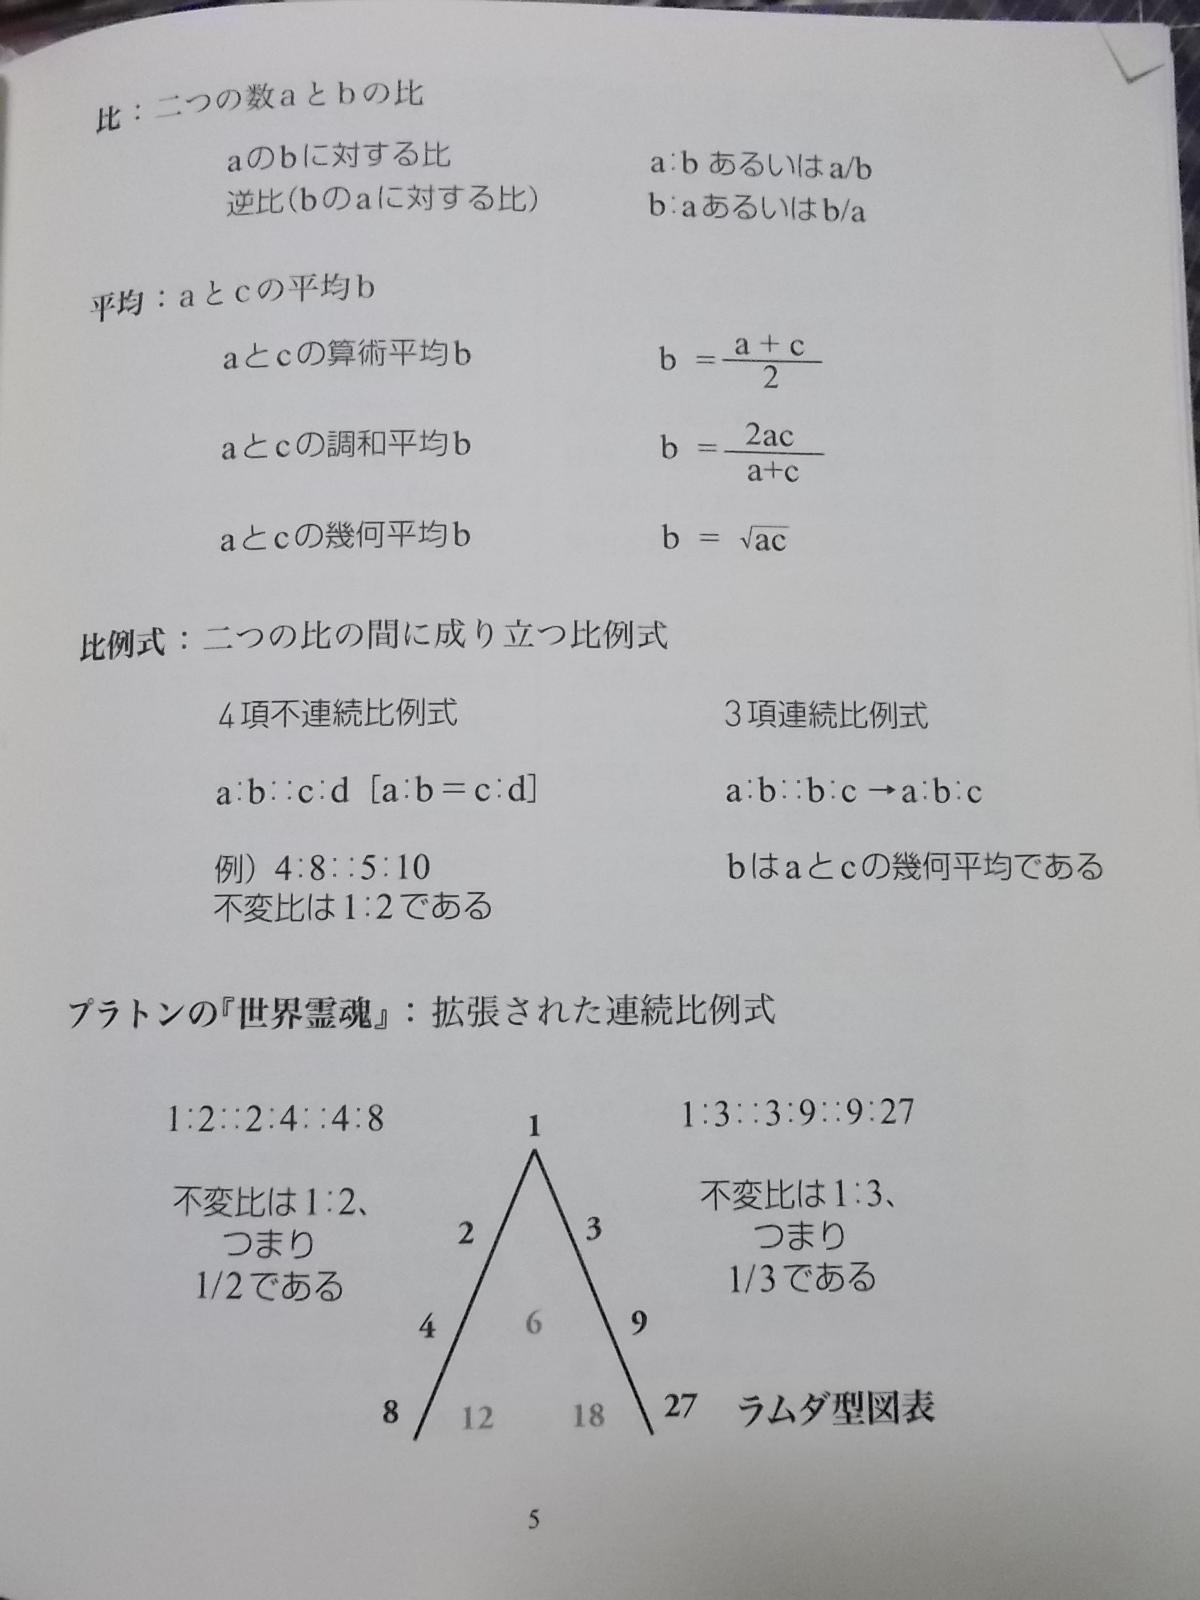 f:id:uta_stream:20200904233601j:plain